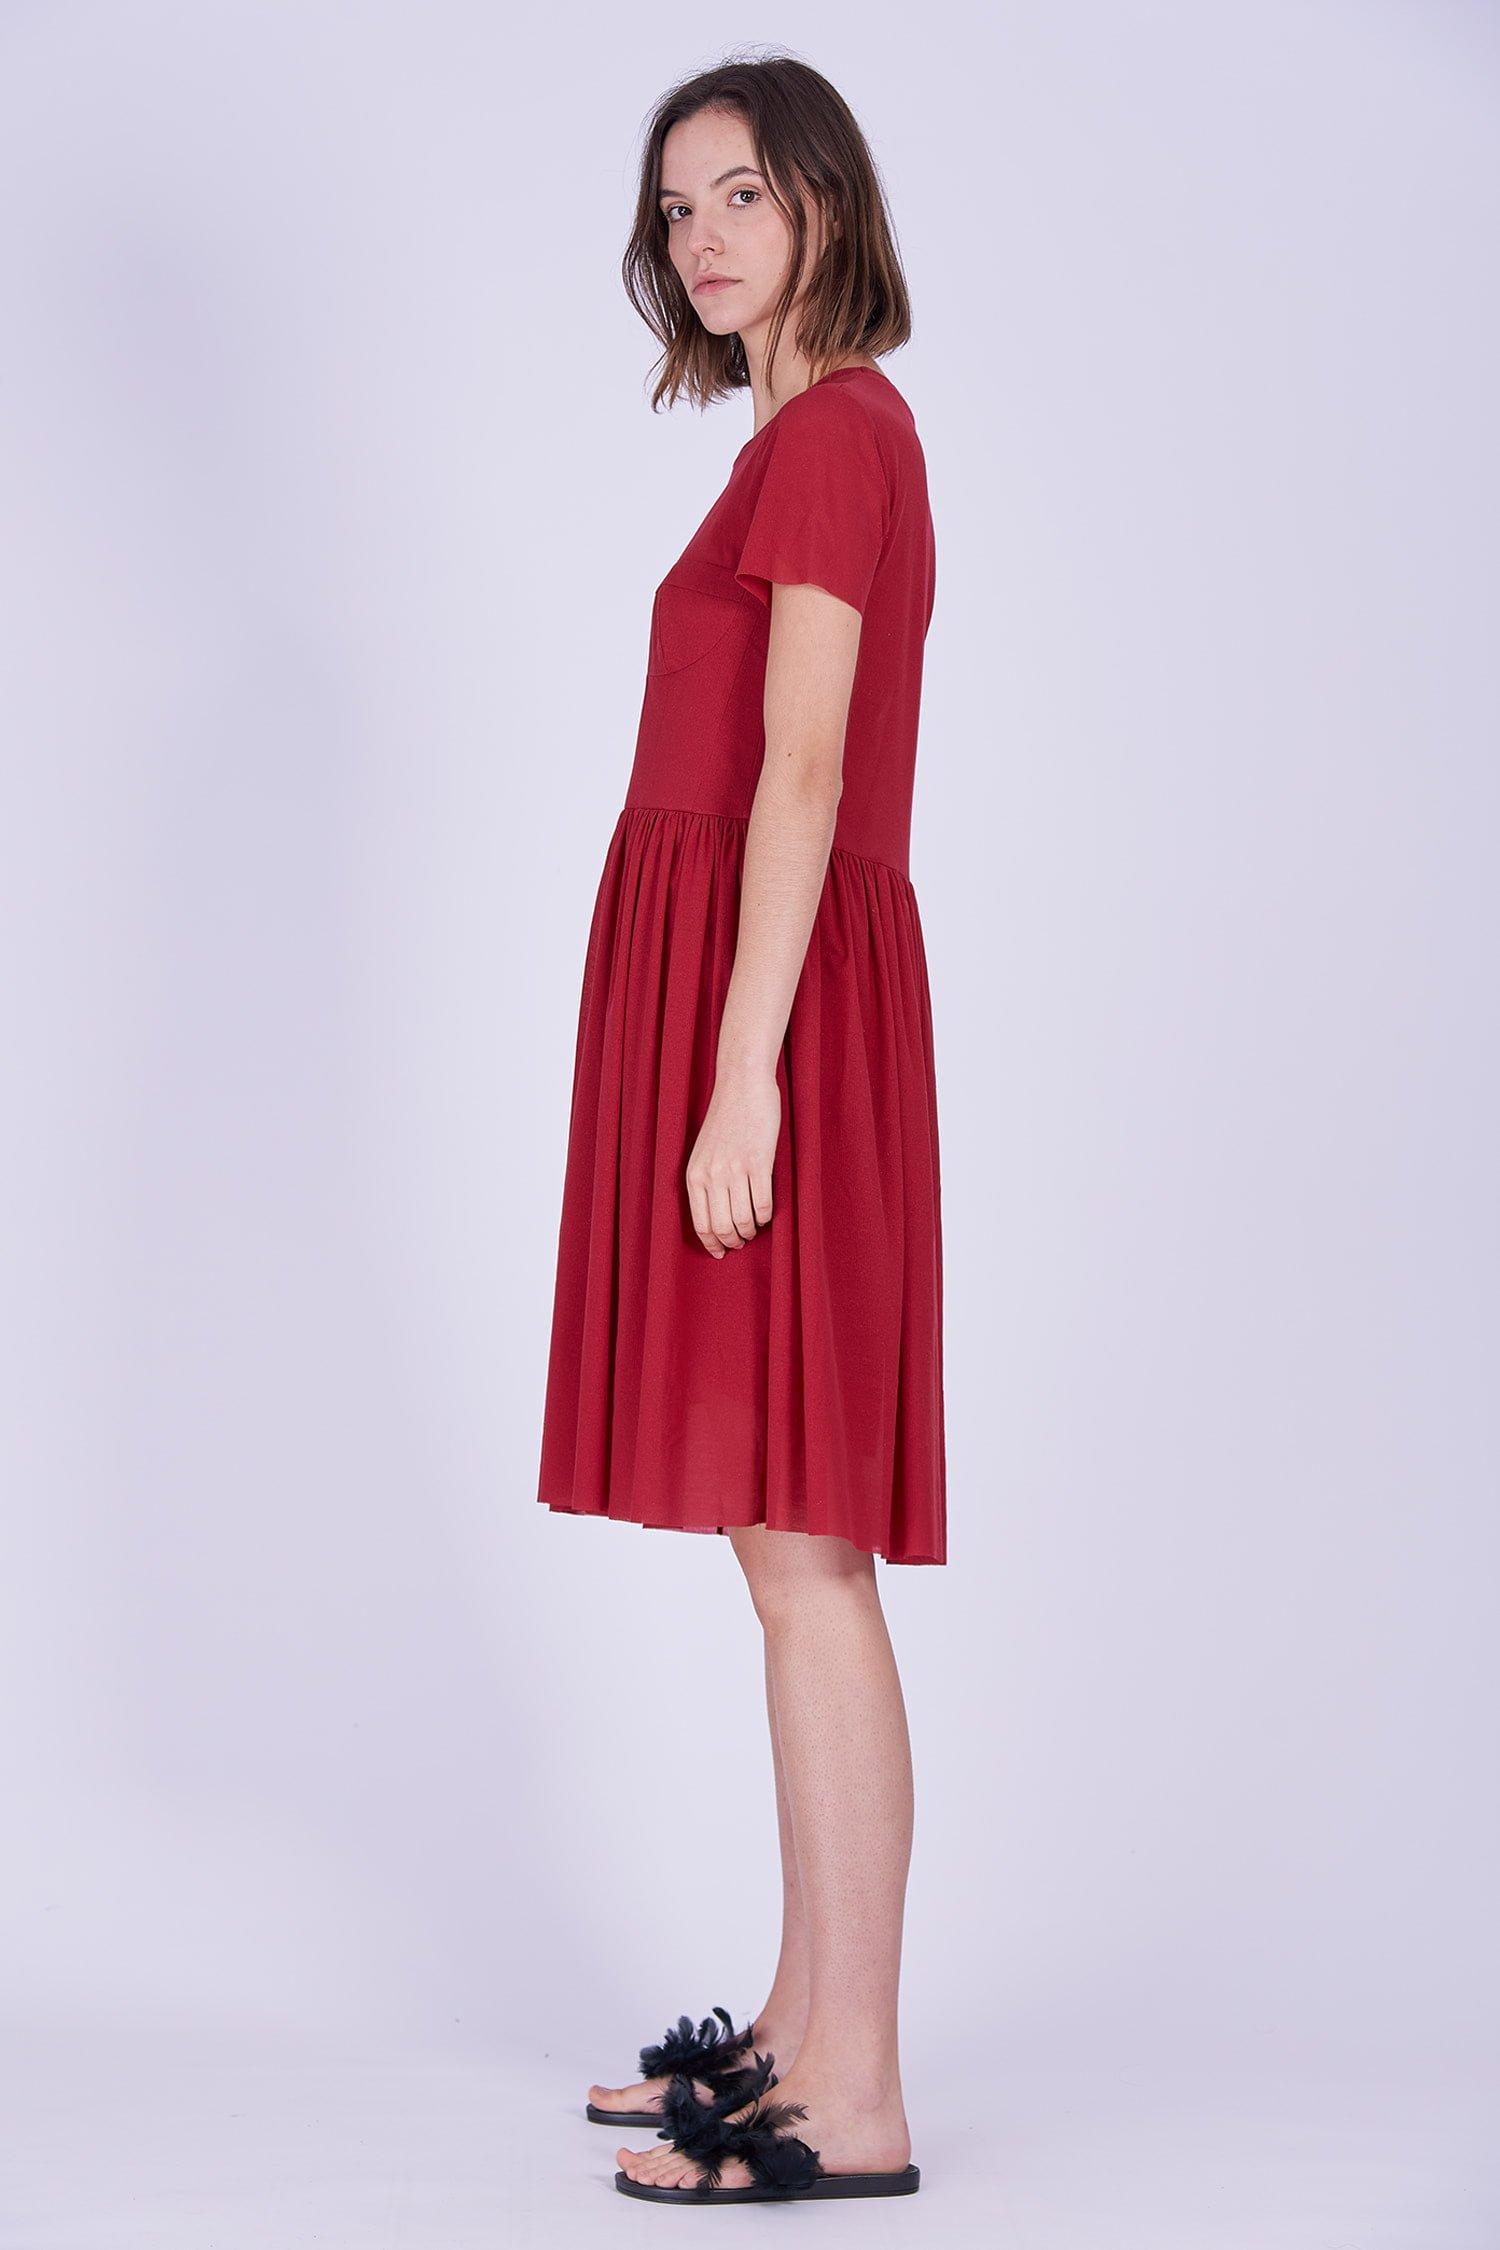 Acephala Ps2020 Red Midi Date Dress Czerwona Sukienka Wieczorowa Randka Side